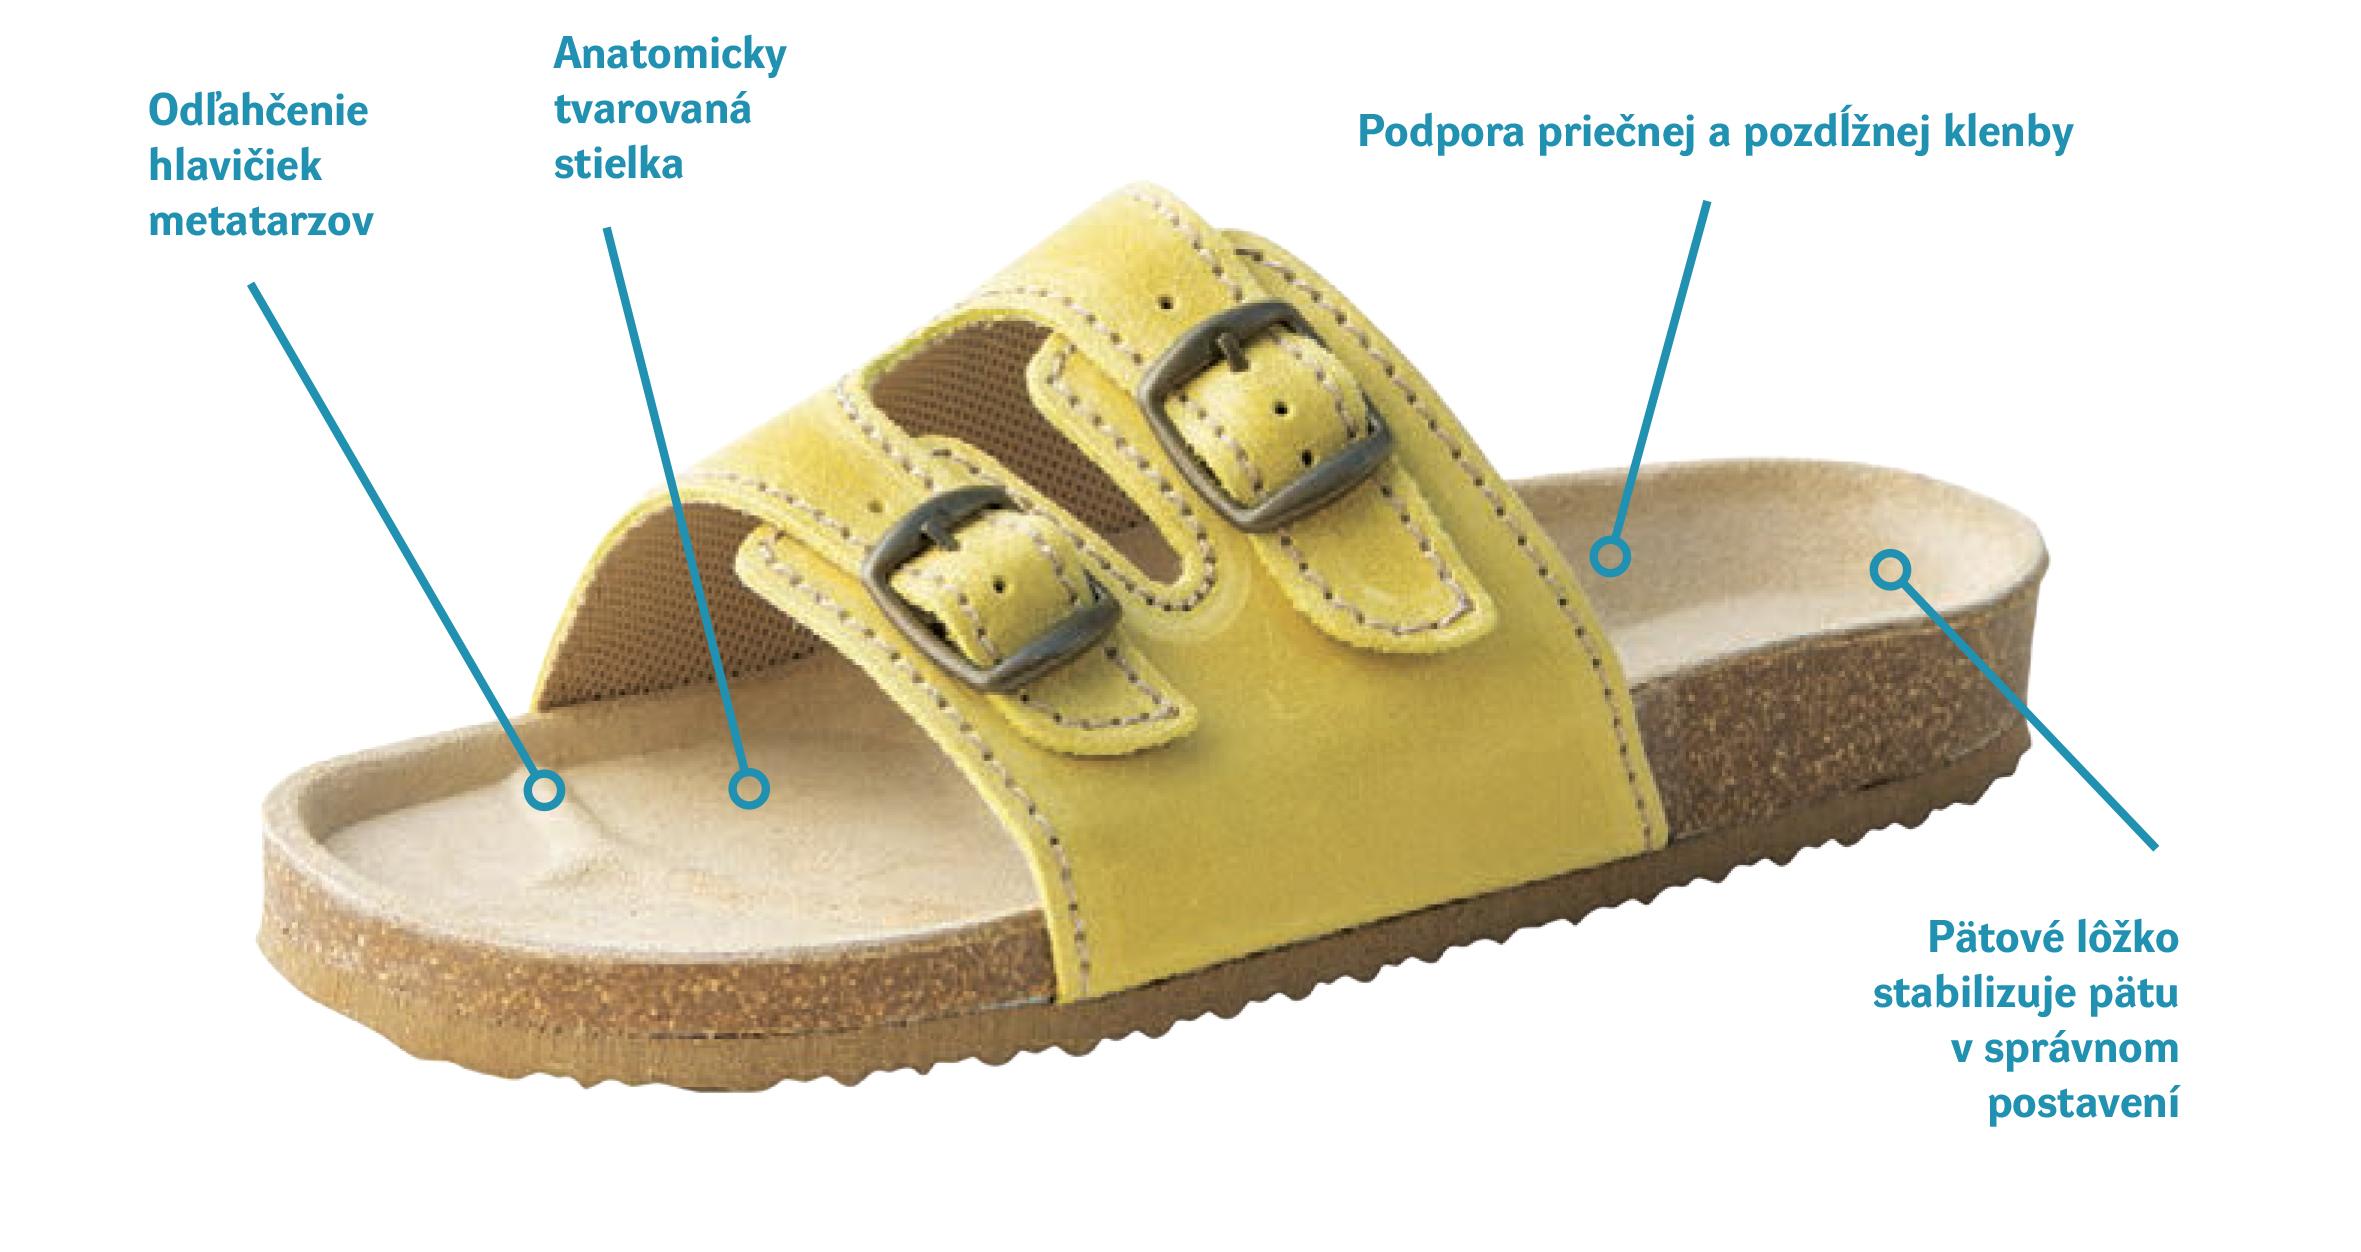 13f09909e262b Menej známe sú už účinky ortopedických sandál na zlepšenie krvného obehu,  zníženie tvorby kŕčových žíl a odstraňovanie únavy nôh z celodennej chôdze.